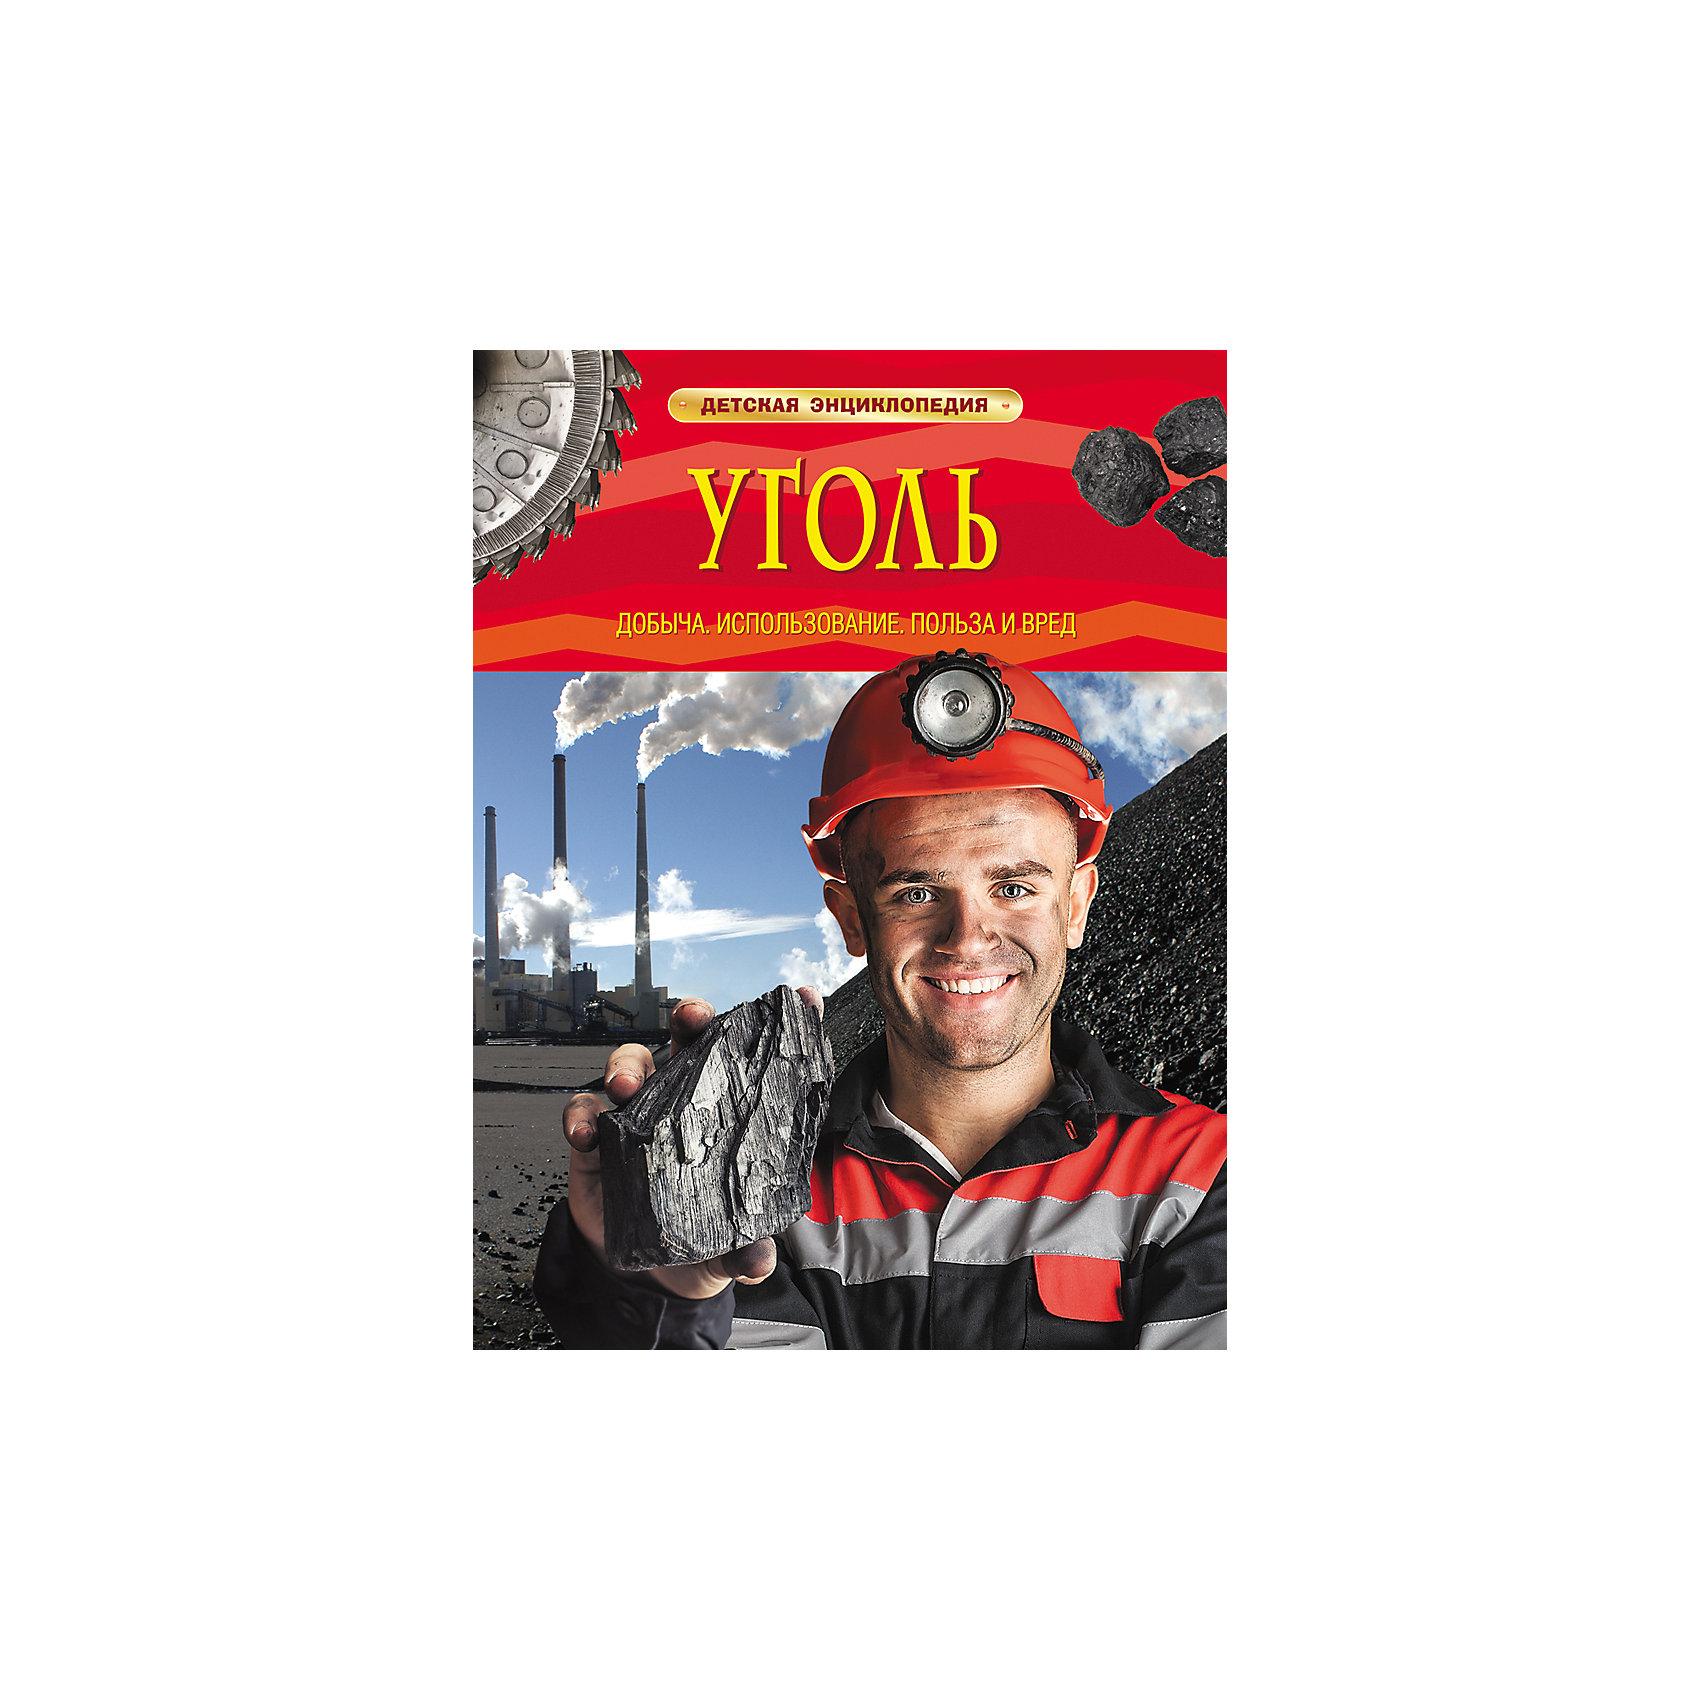 Уголь. добыча, использование, польза и вредРосмэн<br>Coal: production, use, benefit and harm (Уголь. добыча, использование, польза и вред)<br><br>Характеристики:<br><br>• Серия: детская энциклопедия<br>• Формат: 263х202<br>• Переплет: твердый переплет<br>• Год выпуска: 2016<br>• Количество страниц: 48<br>• Цветные иллюстрации: да<br>• Вес в упаковке: 333 г<br><br>Человечеству нужна энергия. Она заставляет работать технику, обогревает и освещает наши дома. Одним из основных источников энергии является каменный уголь. Как он образовался и почему так важен для человека? Так ли безопасно использовать уголь и чем его можно заменить? Что представляет собой угольная электростанция и зачем шахтерам прошлого века нужна была канарейка и лошадь? Все это и многое другое вы найдете в этой книге.<br><br>Книгу «Уголь. добыча, использование, польза и вред» можно купить в нашем интернет-магазине.<br><br>Ширина мм: 263<br>Глубина мм: 202<br>Высота мм: 7<br>Вес г: 333<br>Возраст от месяцев: 84<br>Возраст до месяцев: 108<br>Пол: Унисекс<br>Возраст: Детский<br>SKU: 5109718